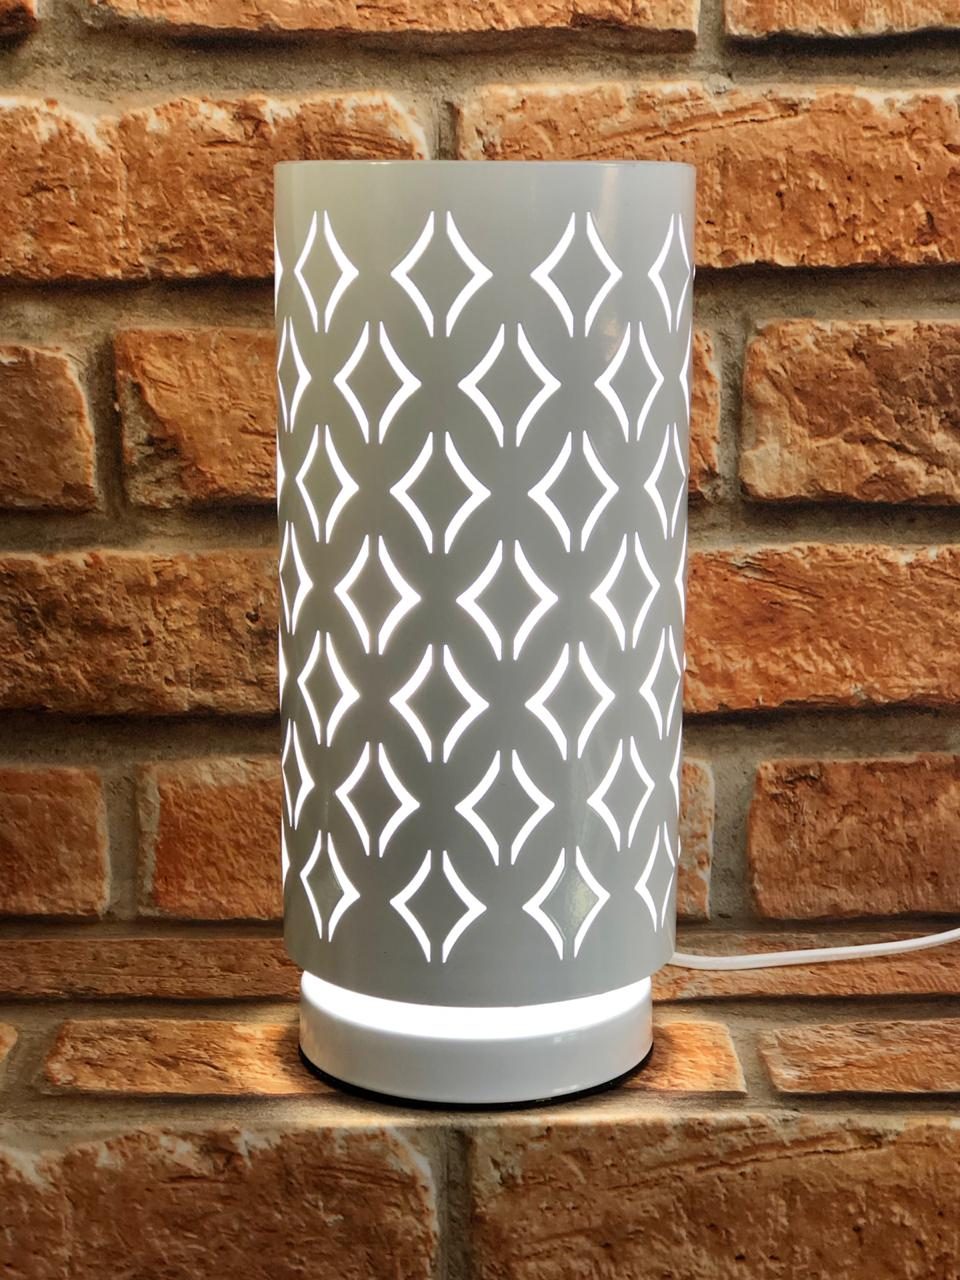 Luminária de Metal Branco com Desenho Lozangulo